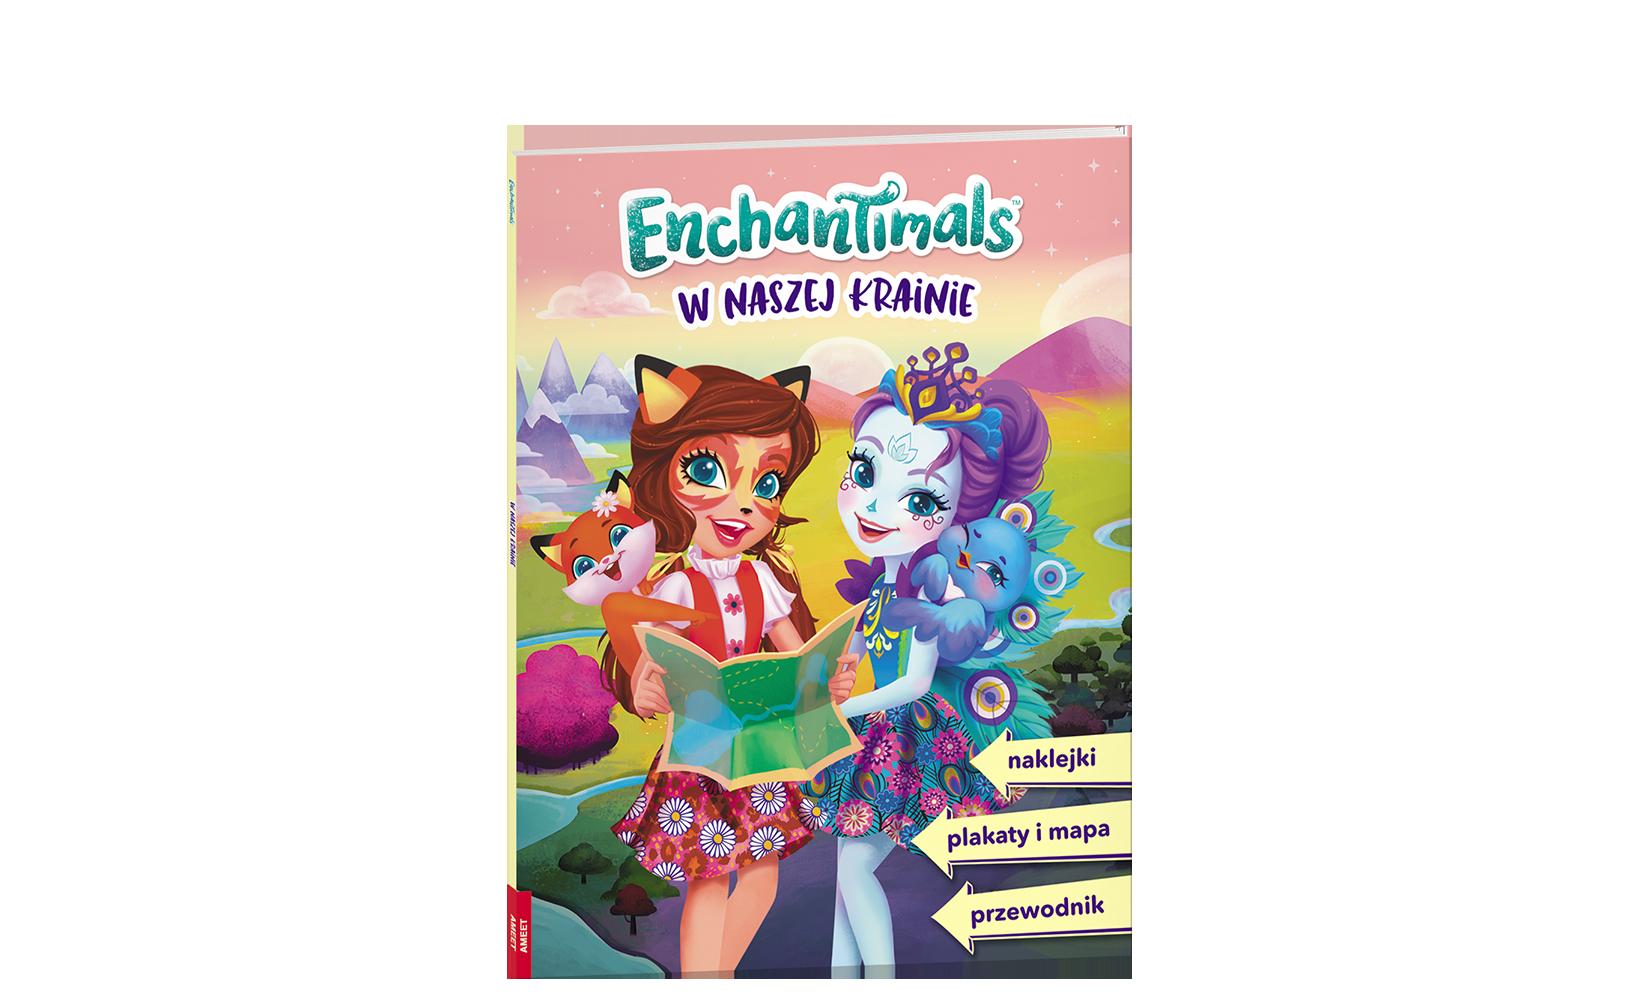 Enchantimals™. Wnaszej krainie